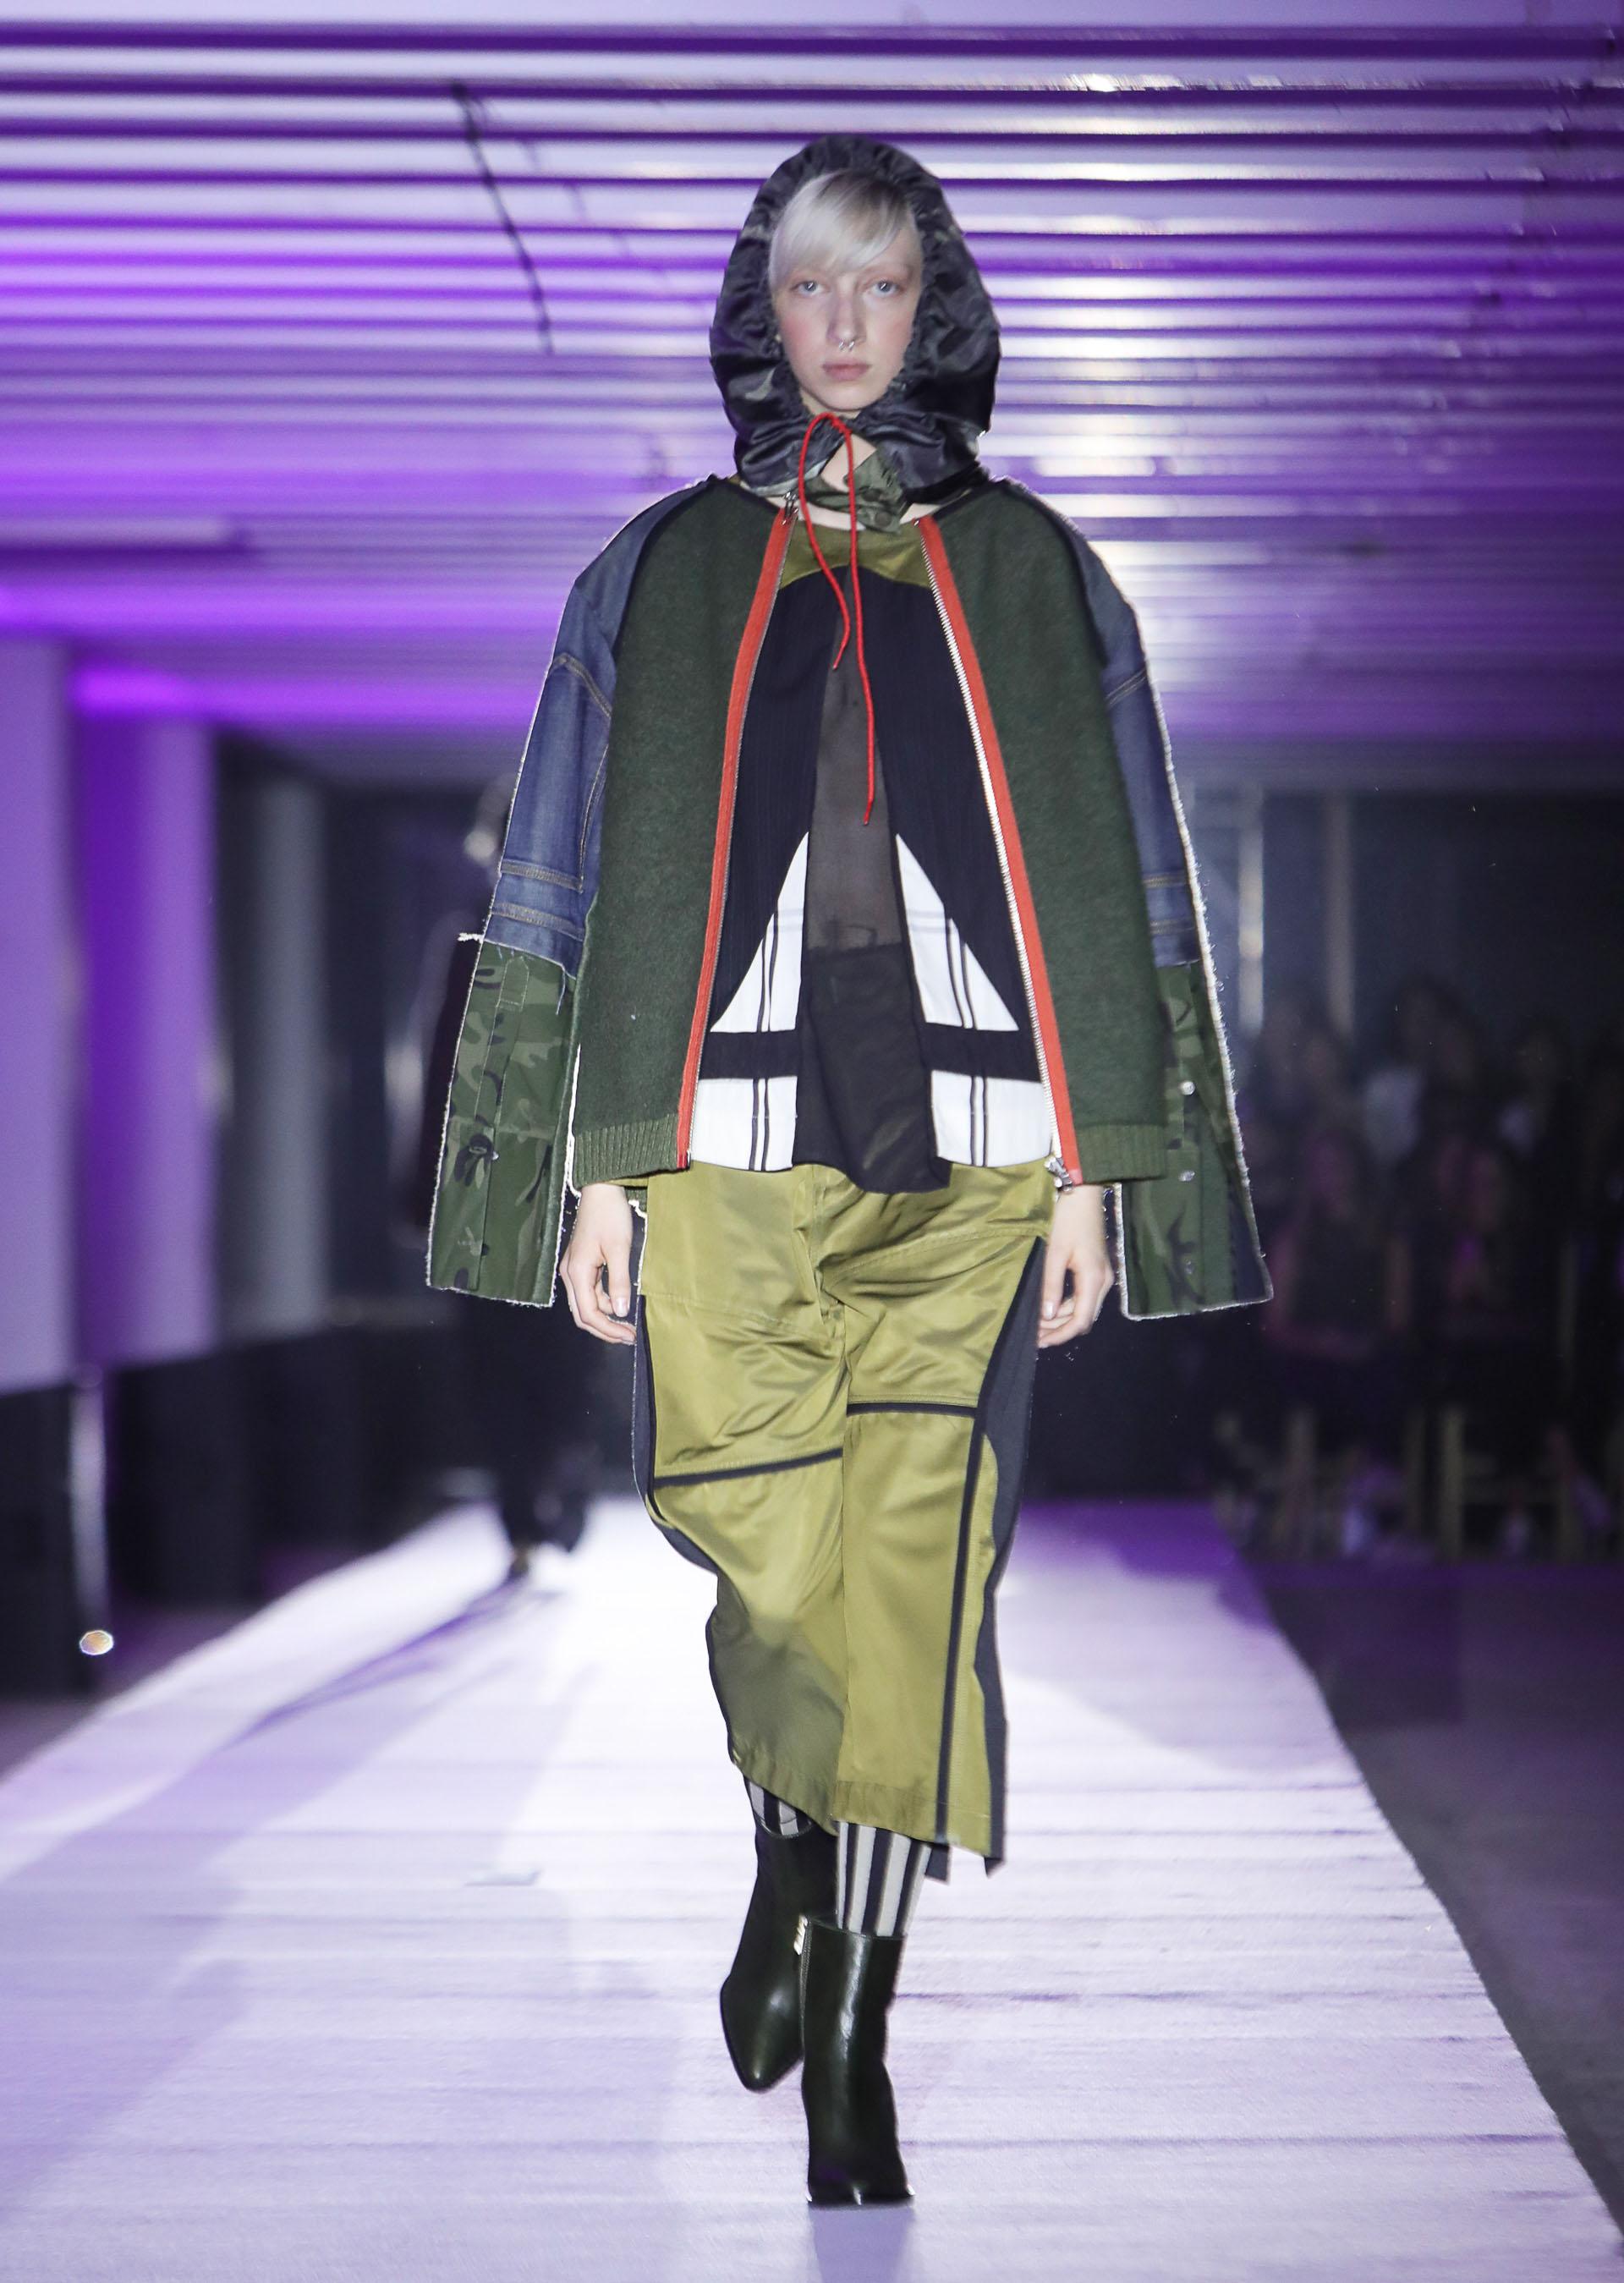 La superposición de prendas y el juego de fusión de géneros y estampados, un clásico de las colecciones de JT